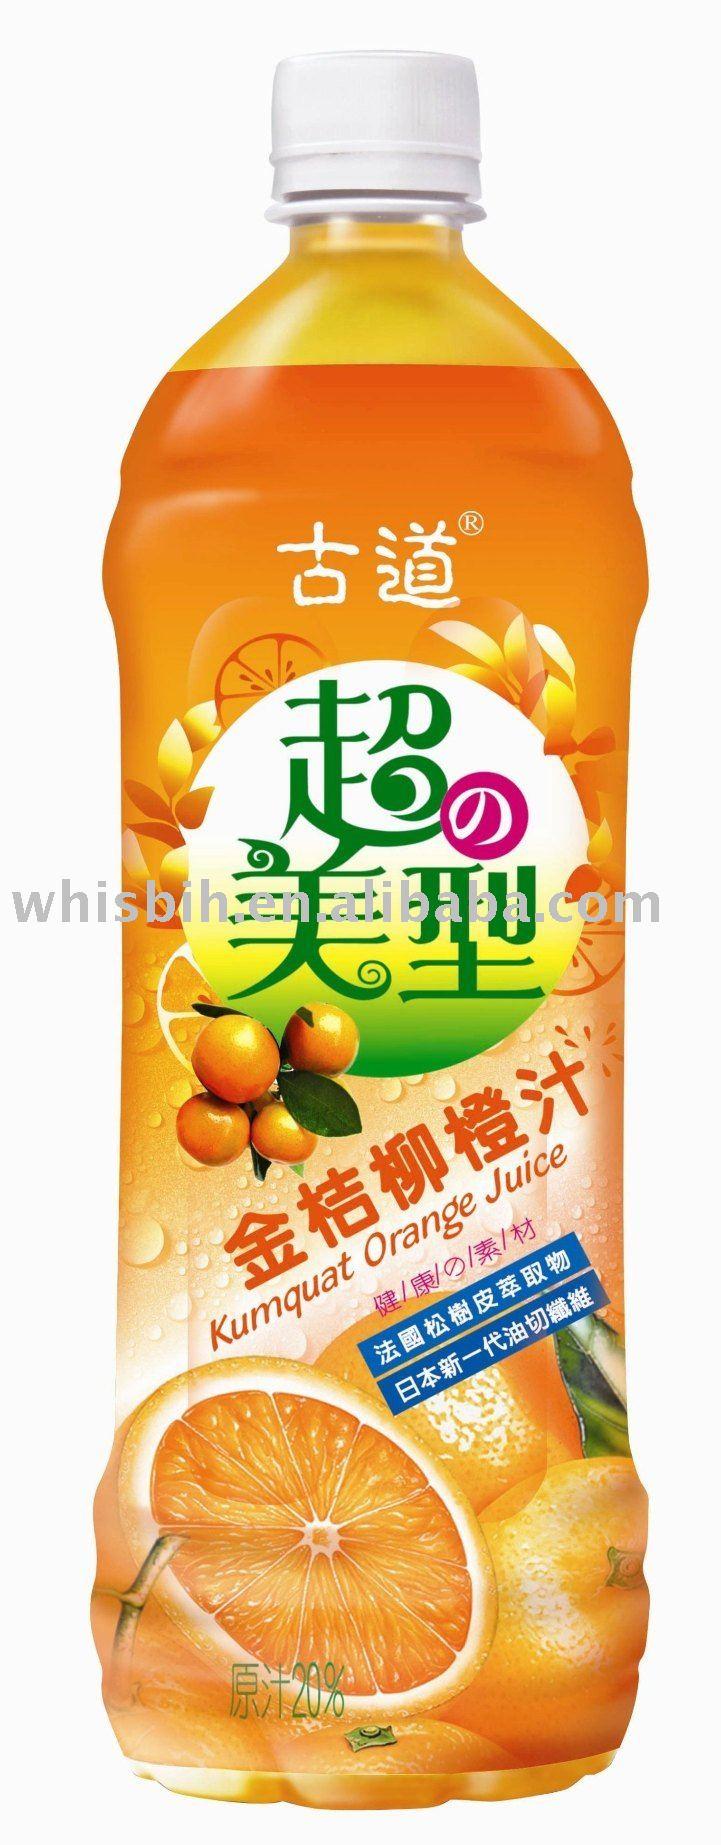 Kumquat Orange Juice